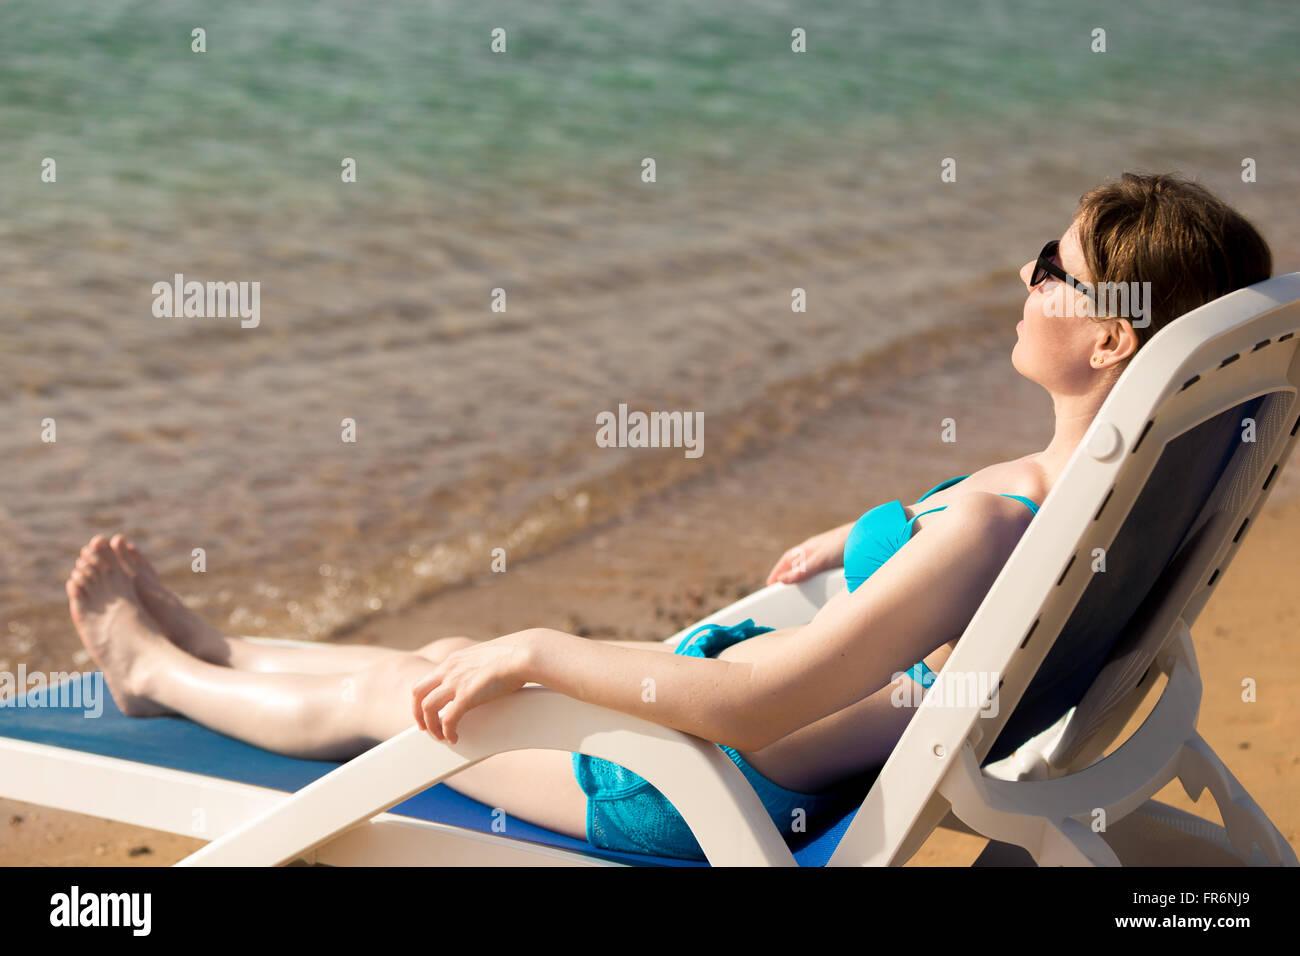 De Y Joven En Tumbado Con Mujer Traje Gafas Sol Slim Azul Baño PTwZXiOku